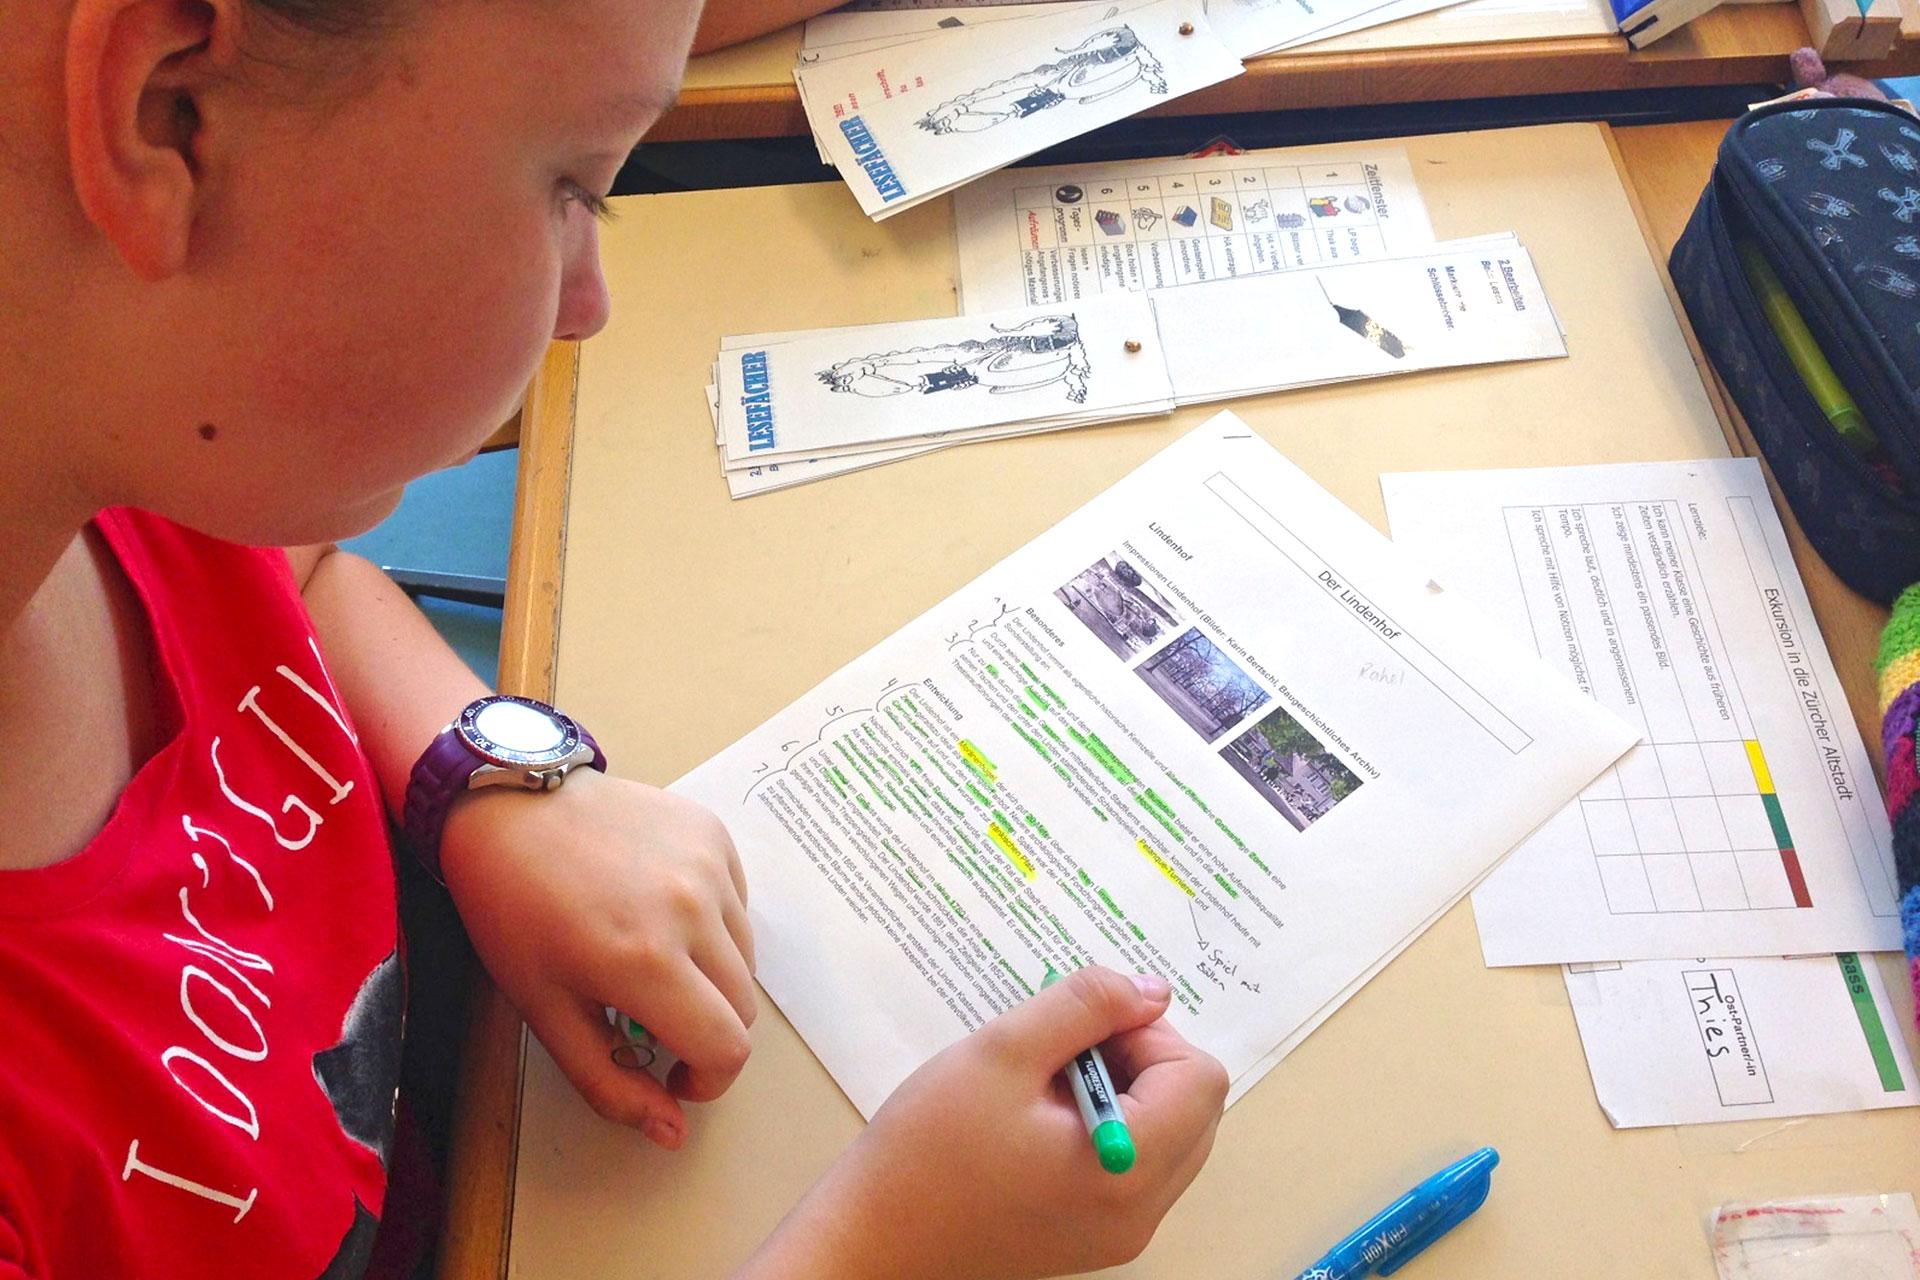 Schülerin bearbeitet einen Text mit dem Lesefächer